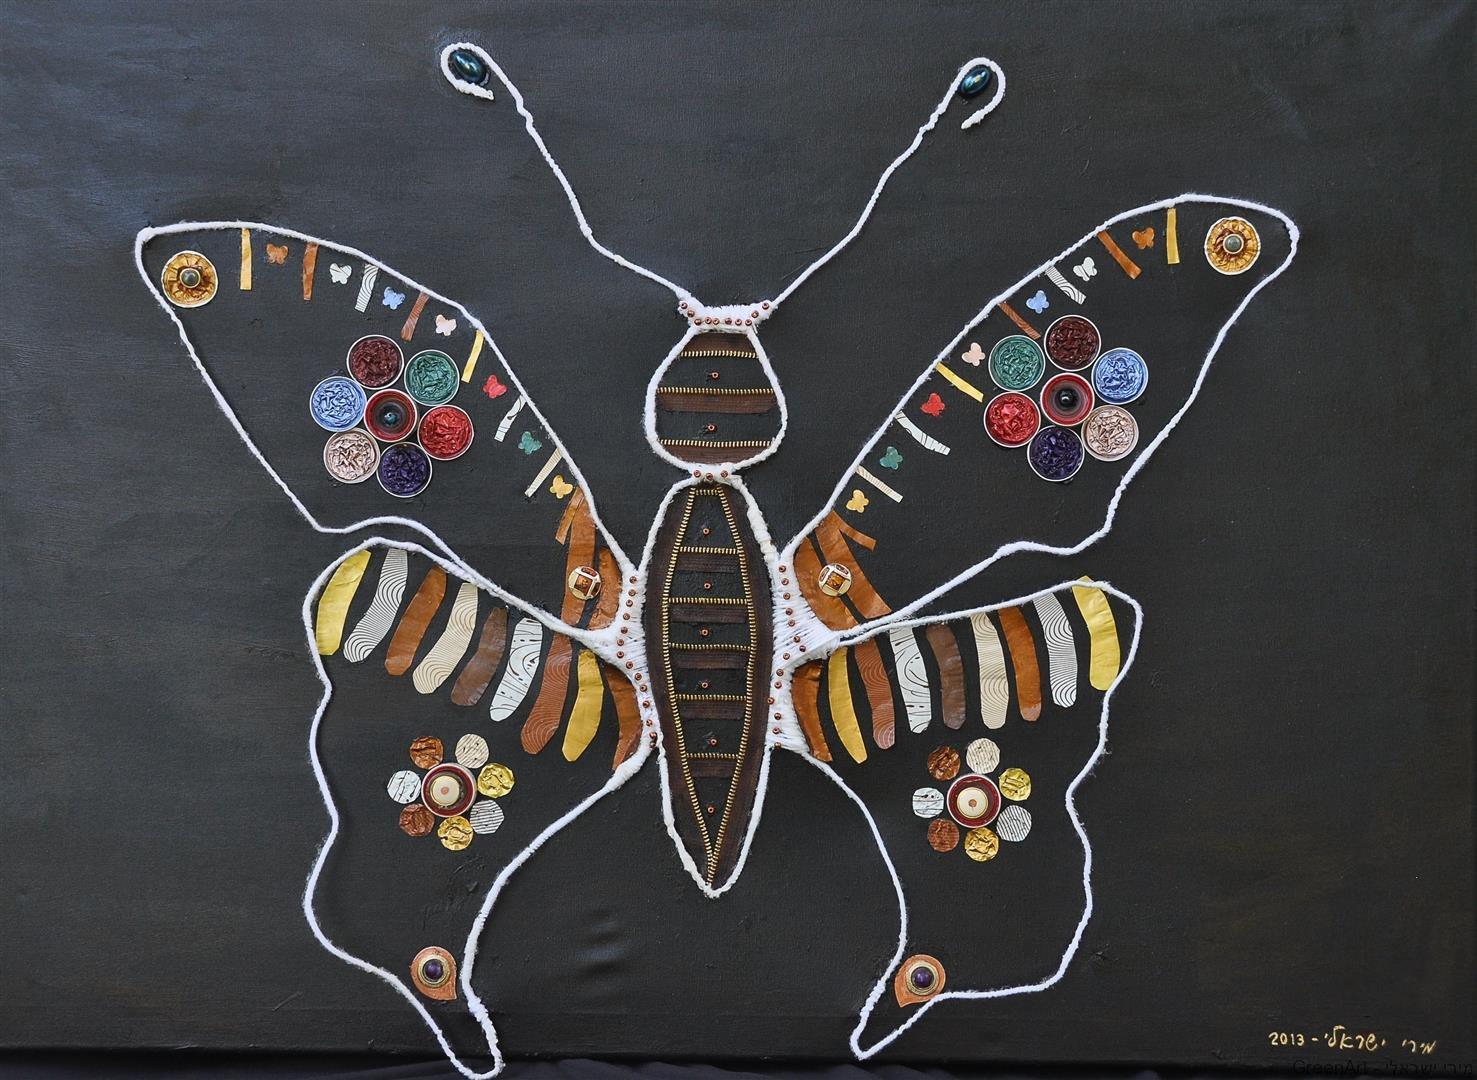 הפרפר הנעלם יצירת אסמבלאג' על בד